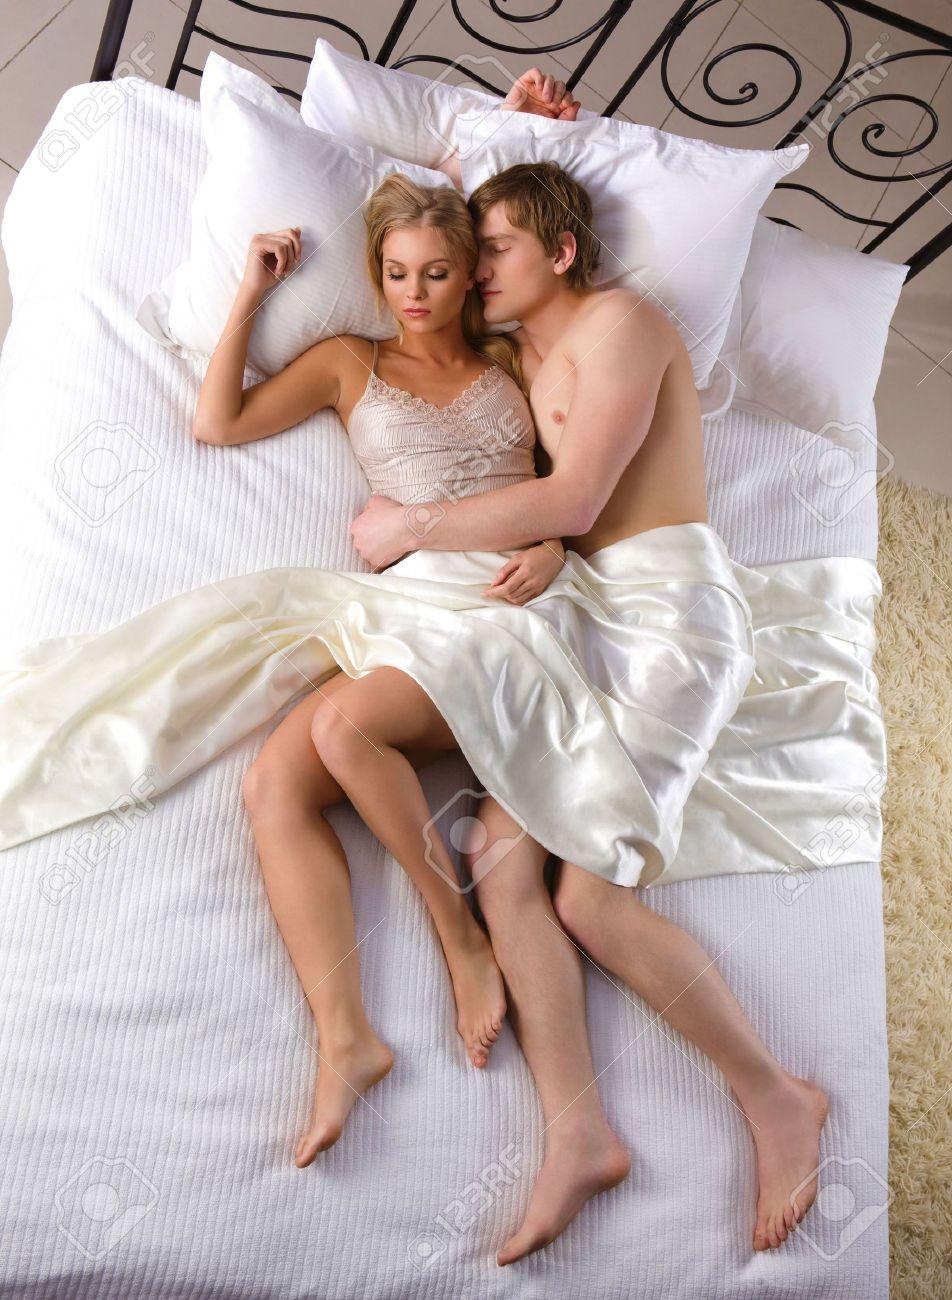 Сонник Жена К чему снится Жена видеть во сне - Сонник